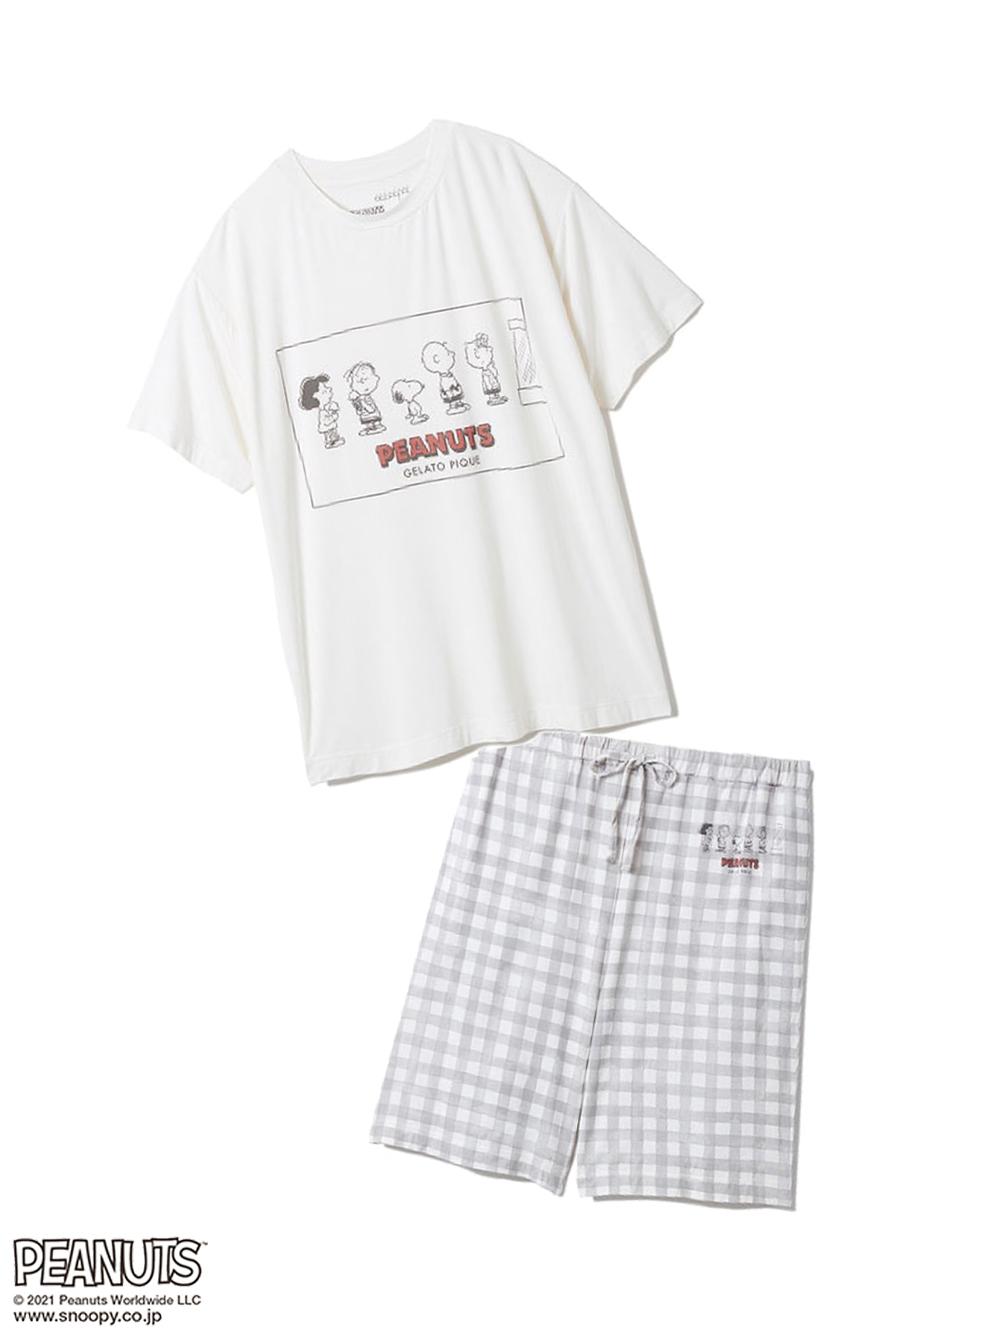 【ラッピング】【HOMME】【SNOOPY】ワンポイントTシャツ&ハーフパンツSET